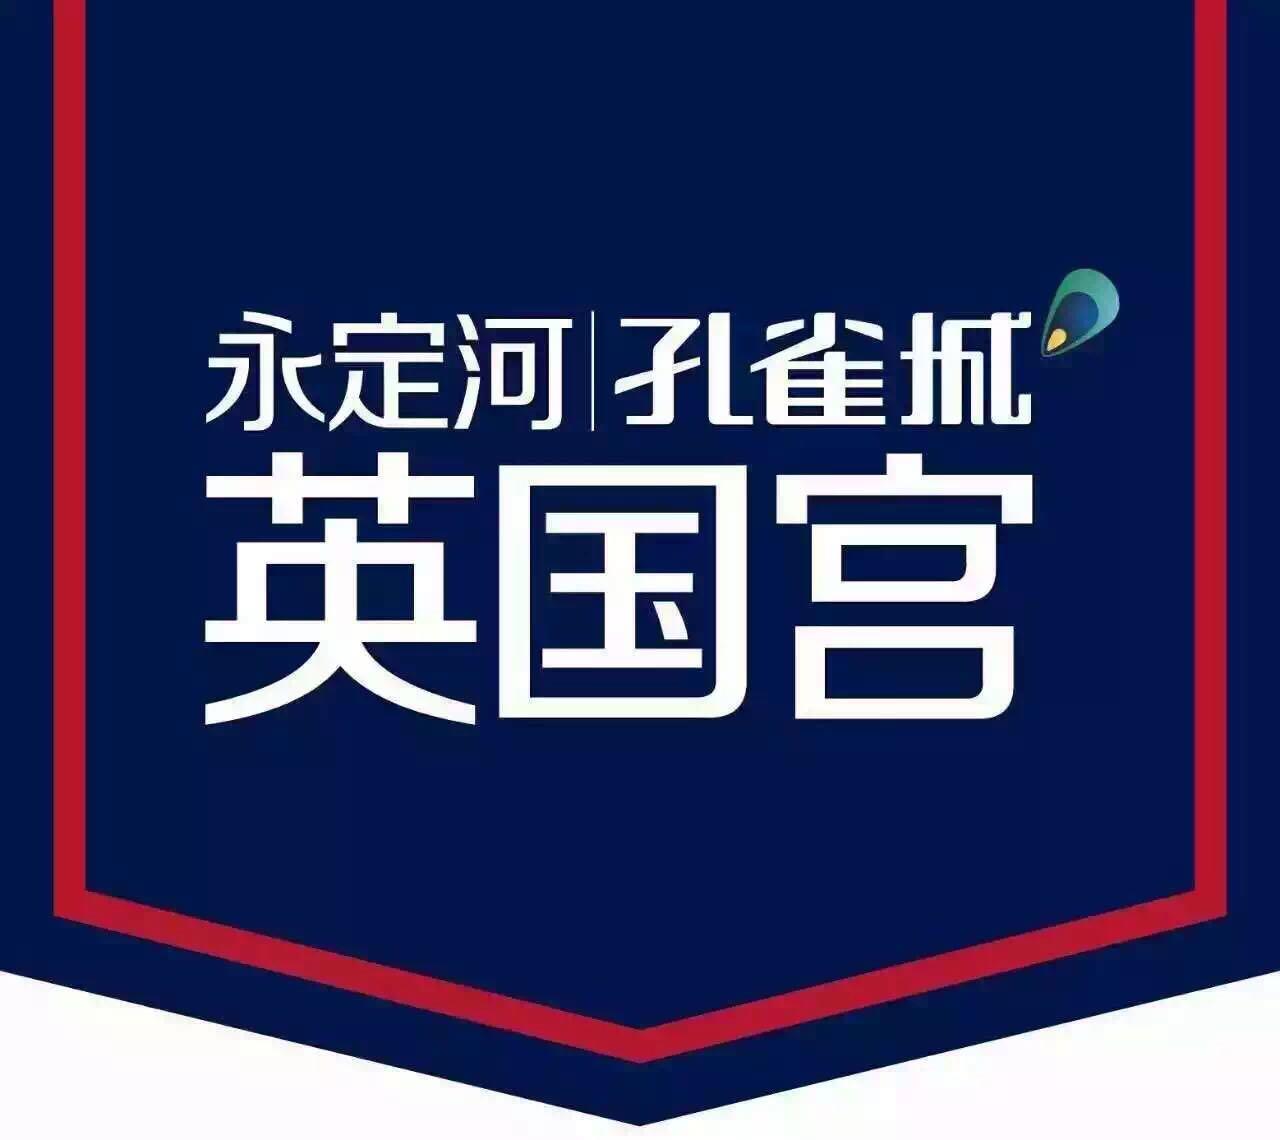 来自王**发布的供应信息:主做环京周边房地产,北京周边孔雀城项目,... - 北京千禧房地产开发有限公司